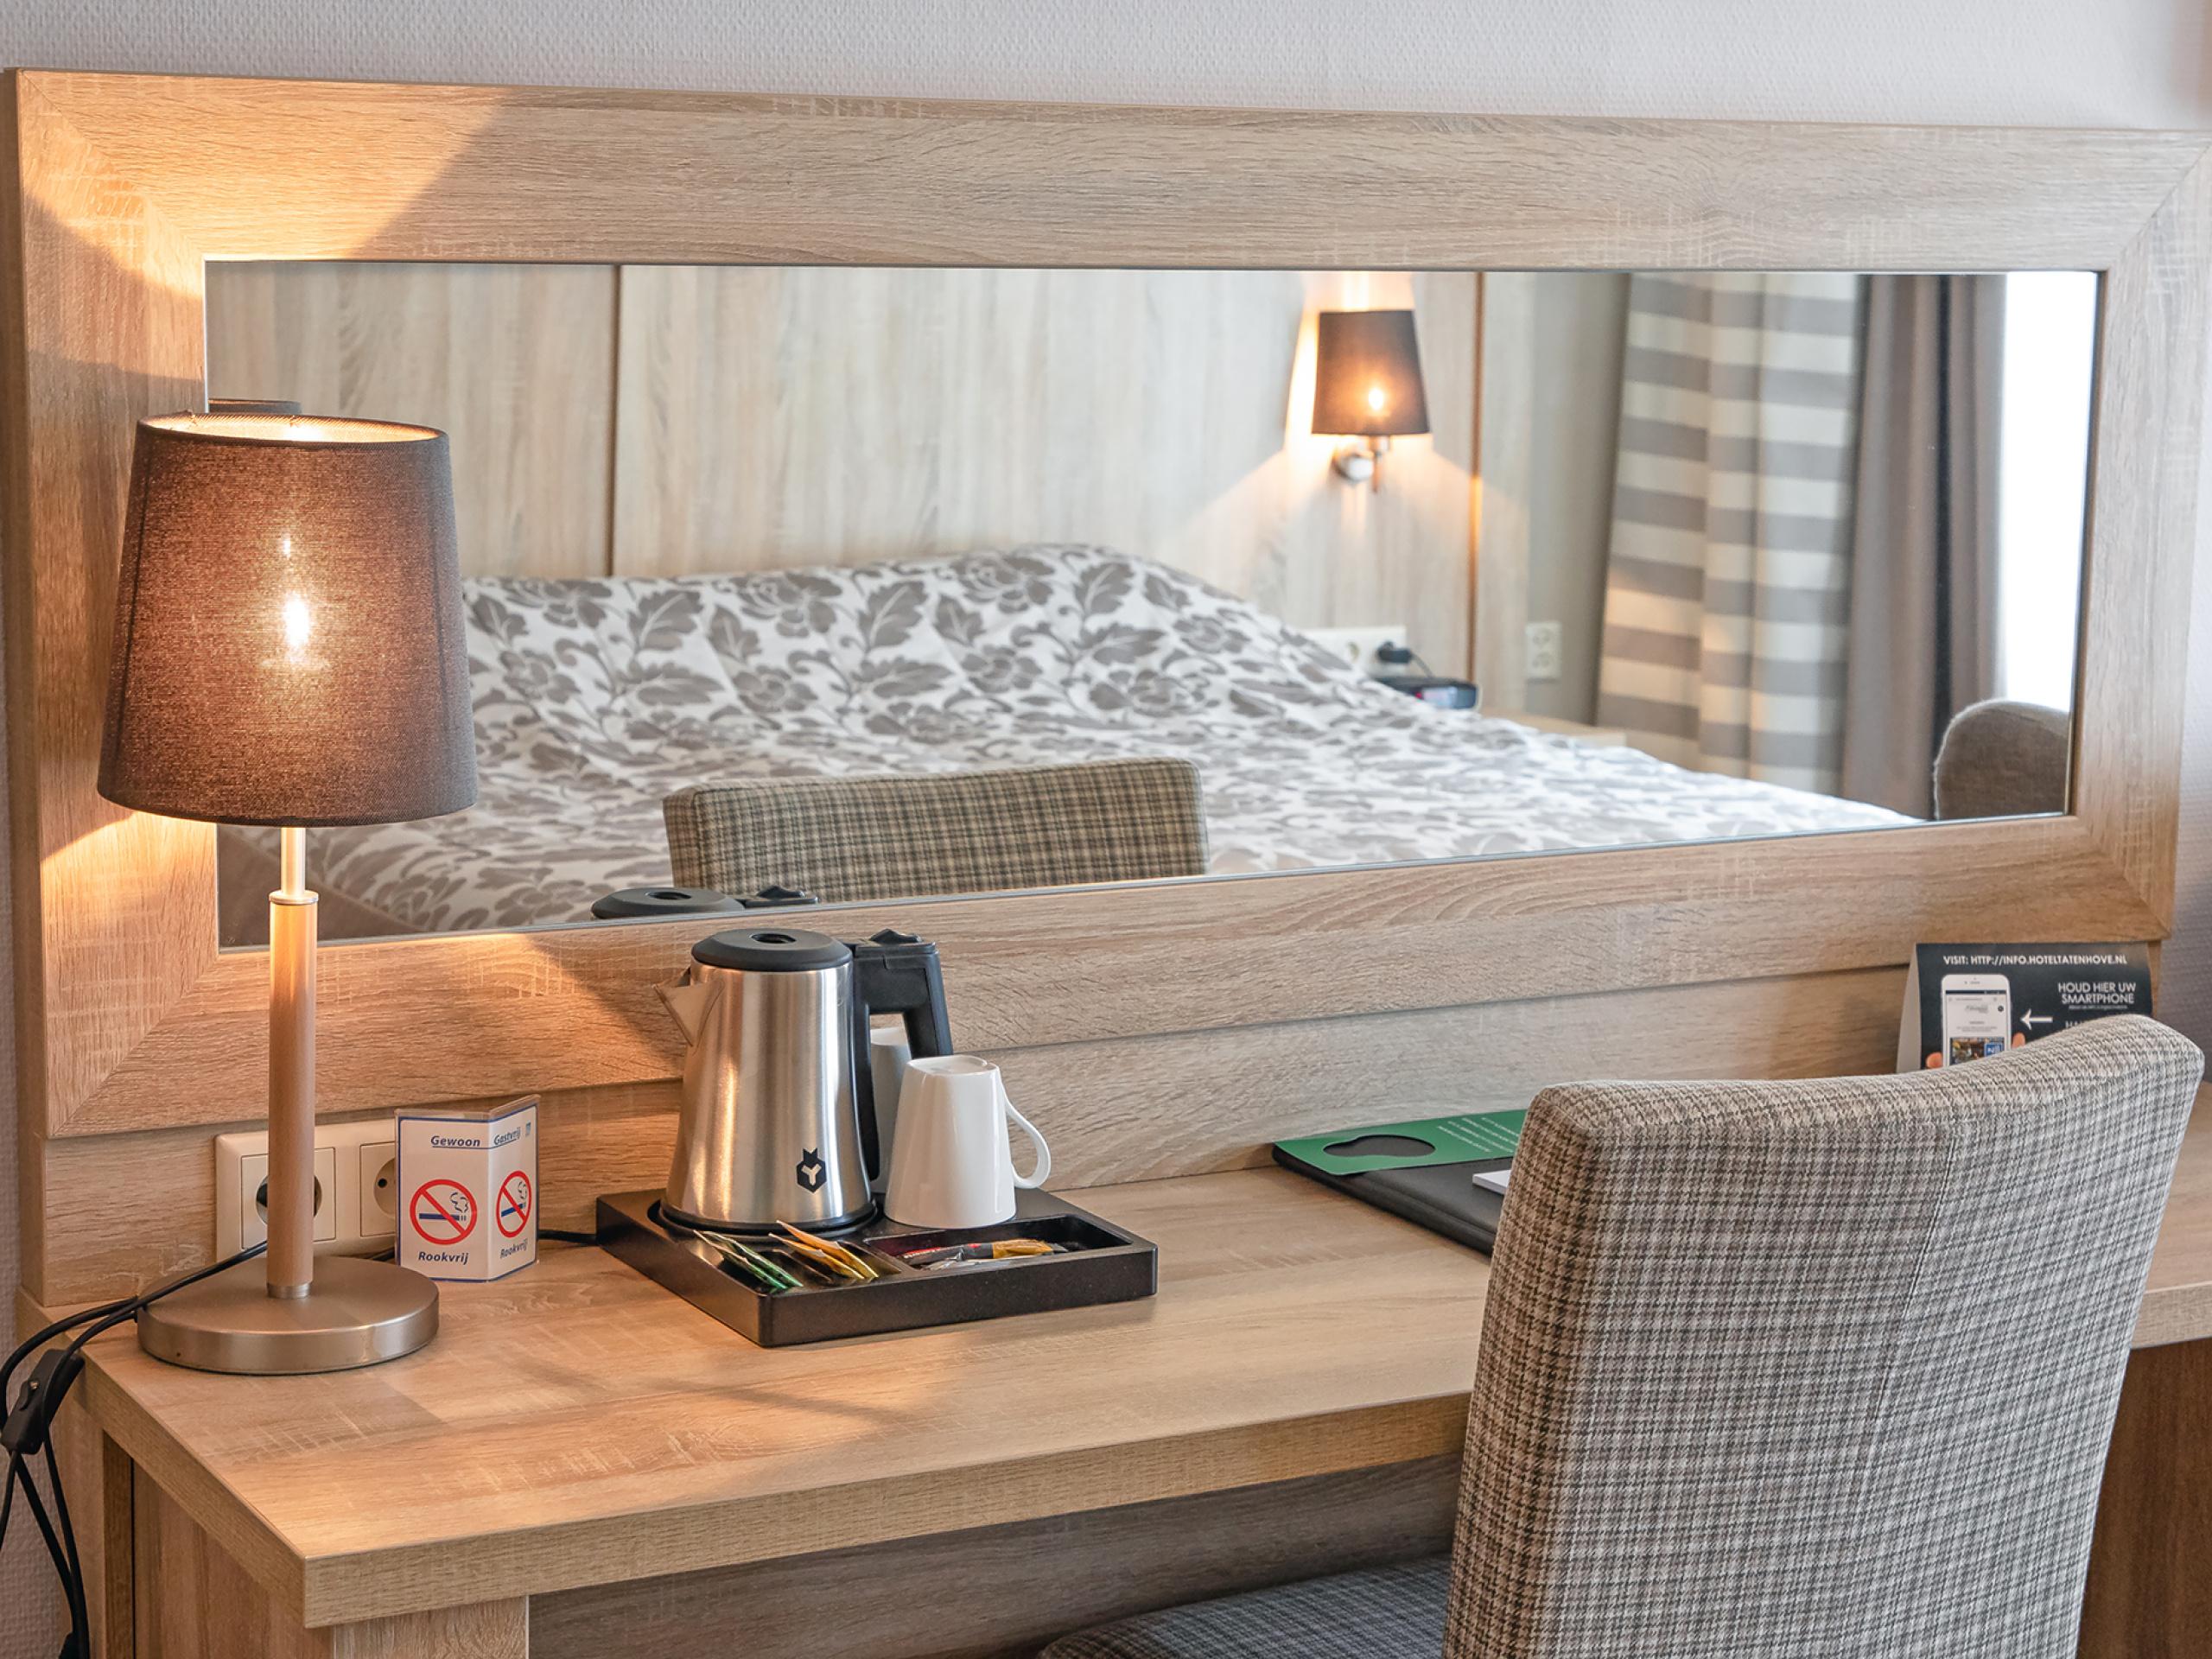 Geräumiges Zimmer mit Balkon in einem tollen Hotel in der Nähe des Strandes und des Zentrums von De Koog